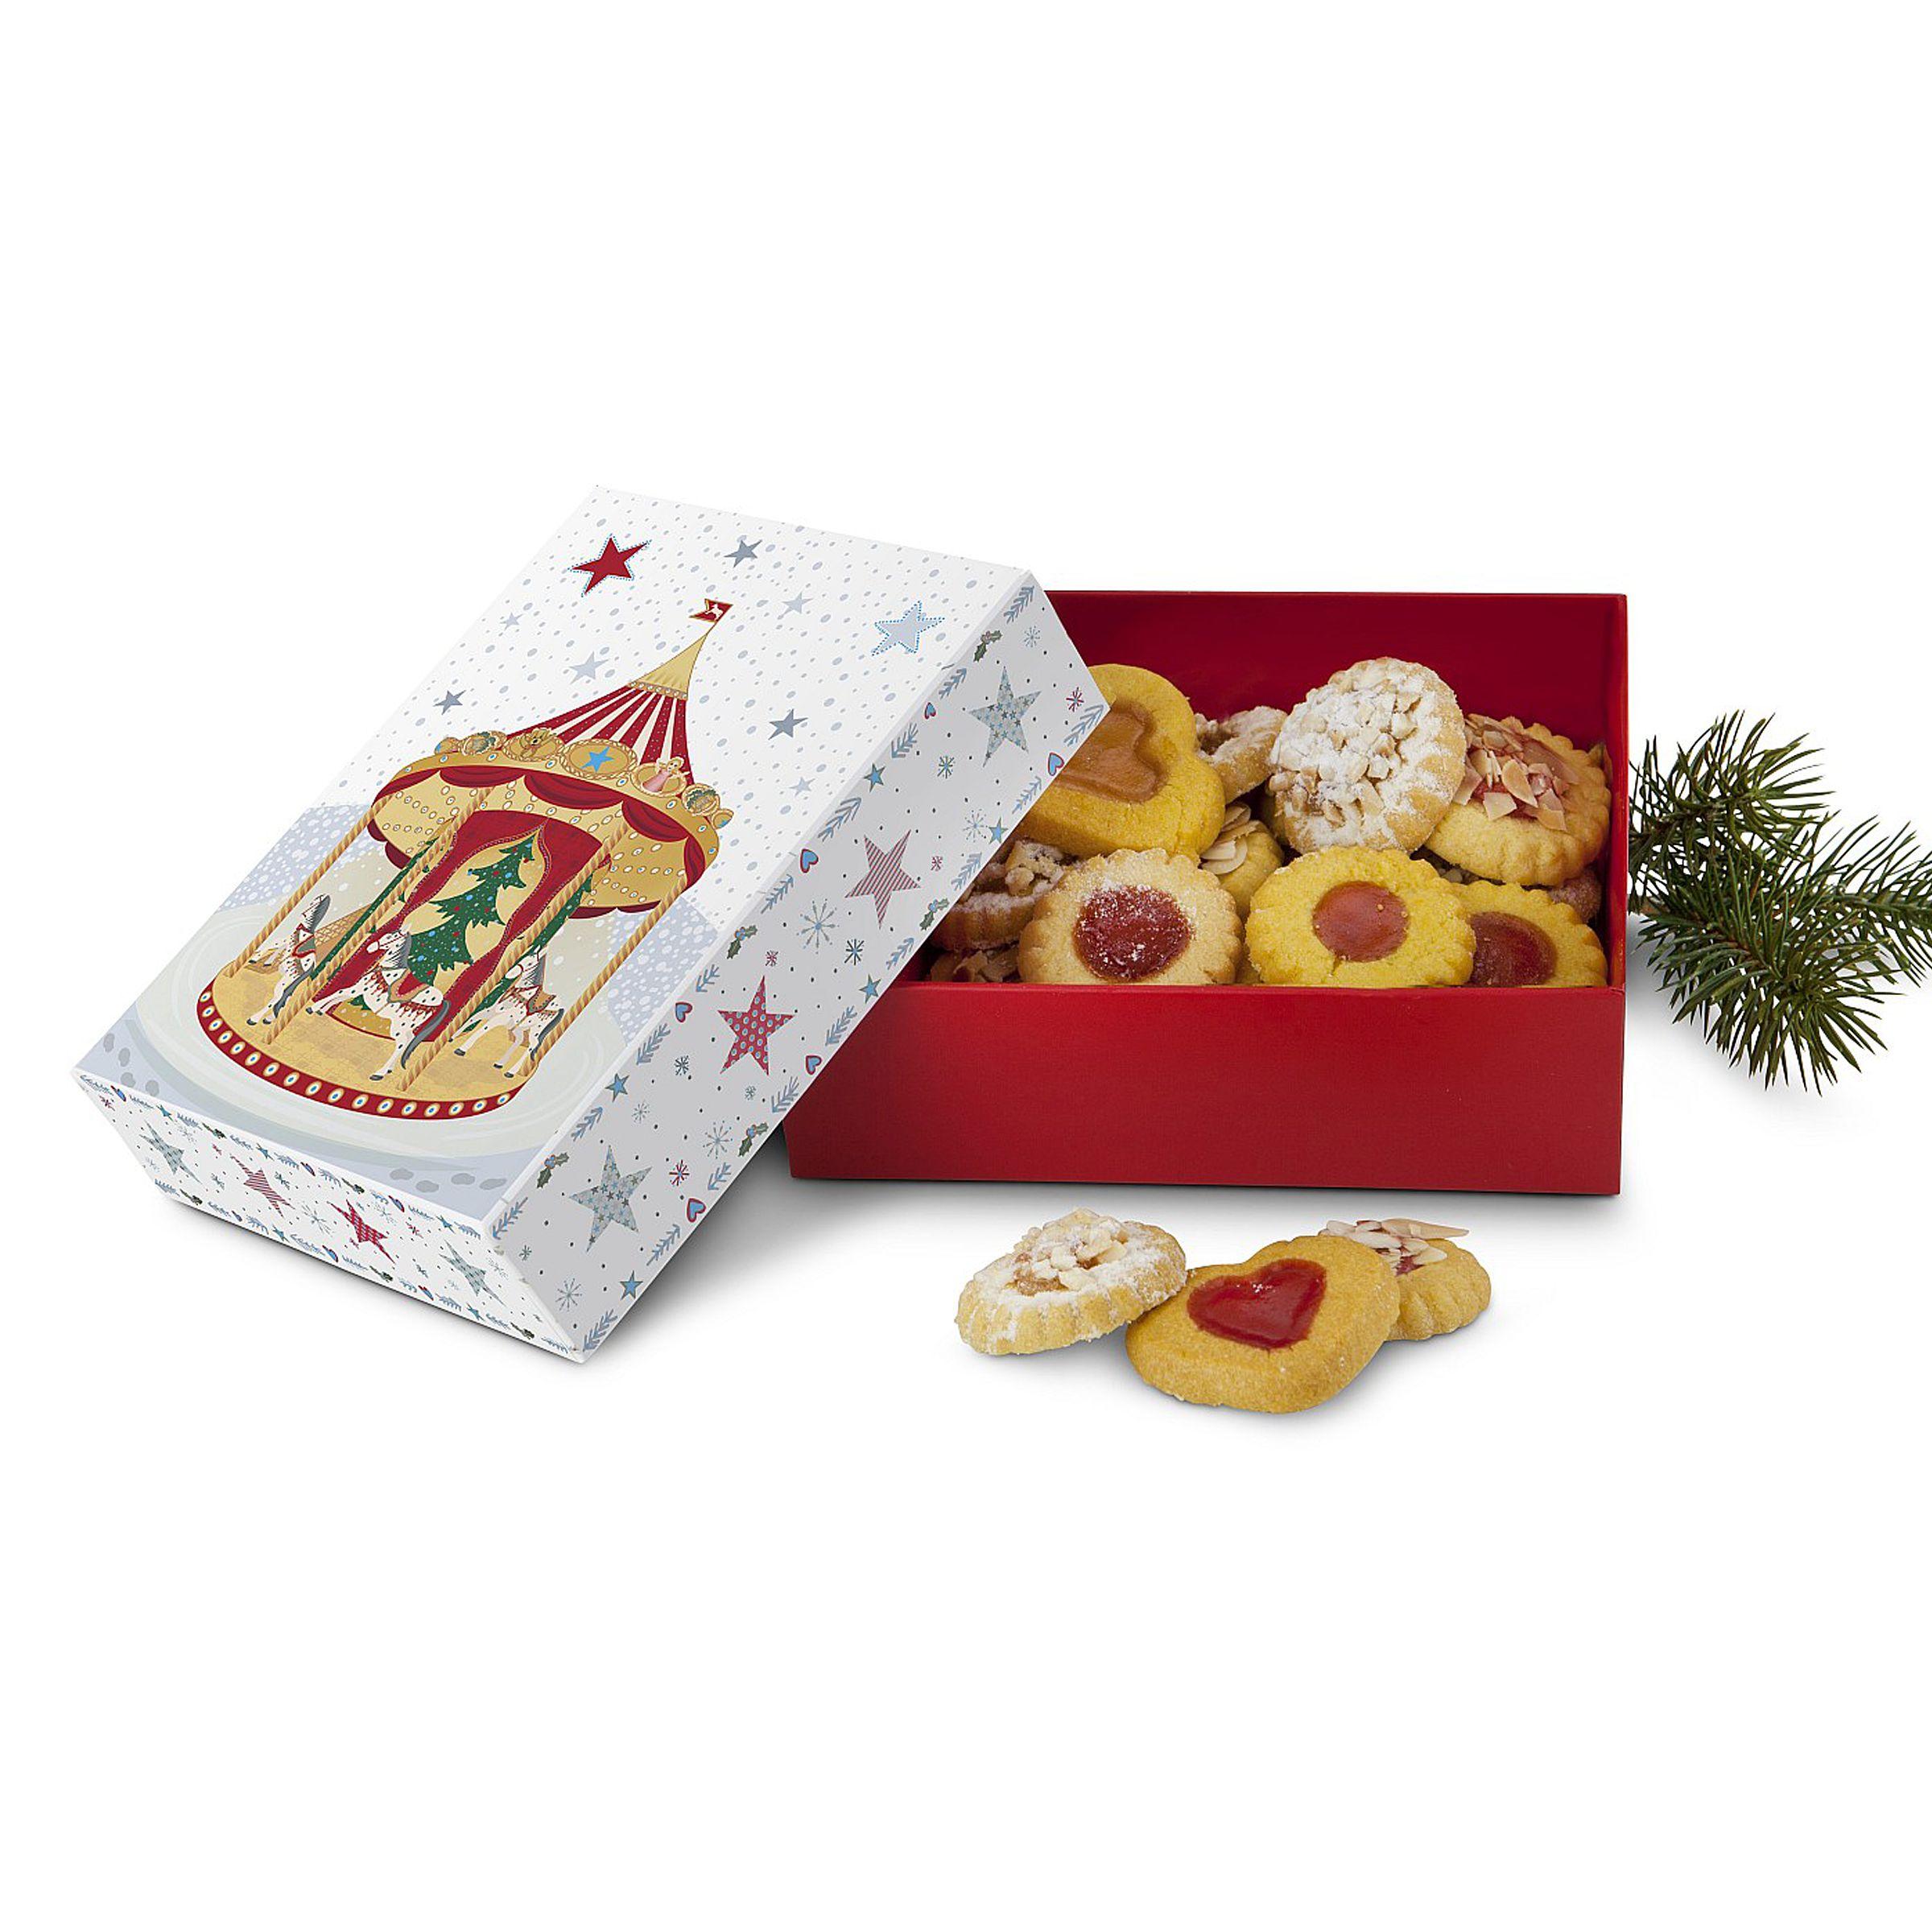 Verführerisch Einfallsreiche Geschenke Beste Wahl Confiserie-gebäckmischung Weihnachtsgebäck